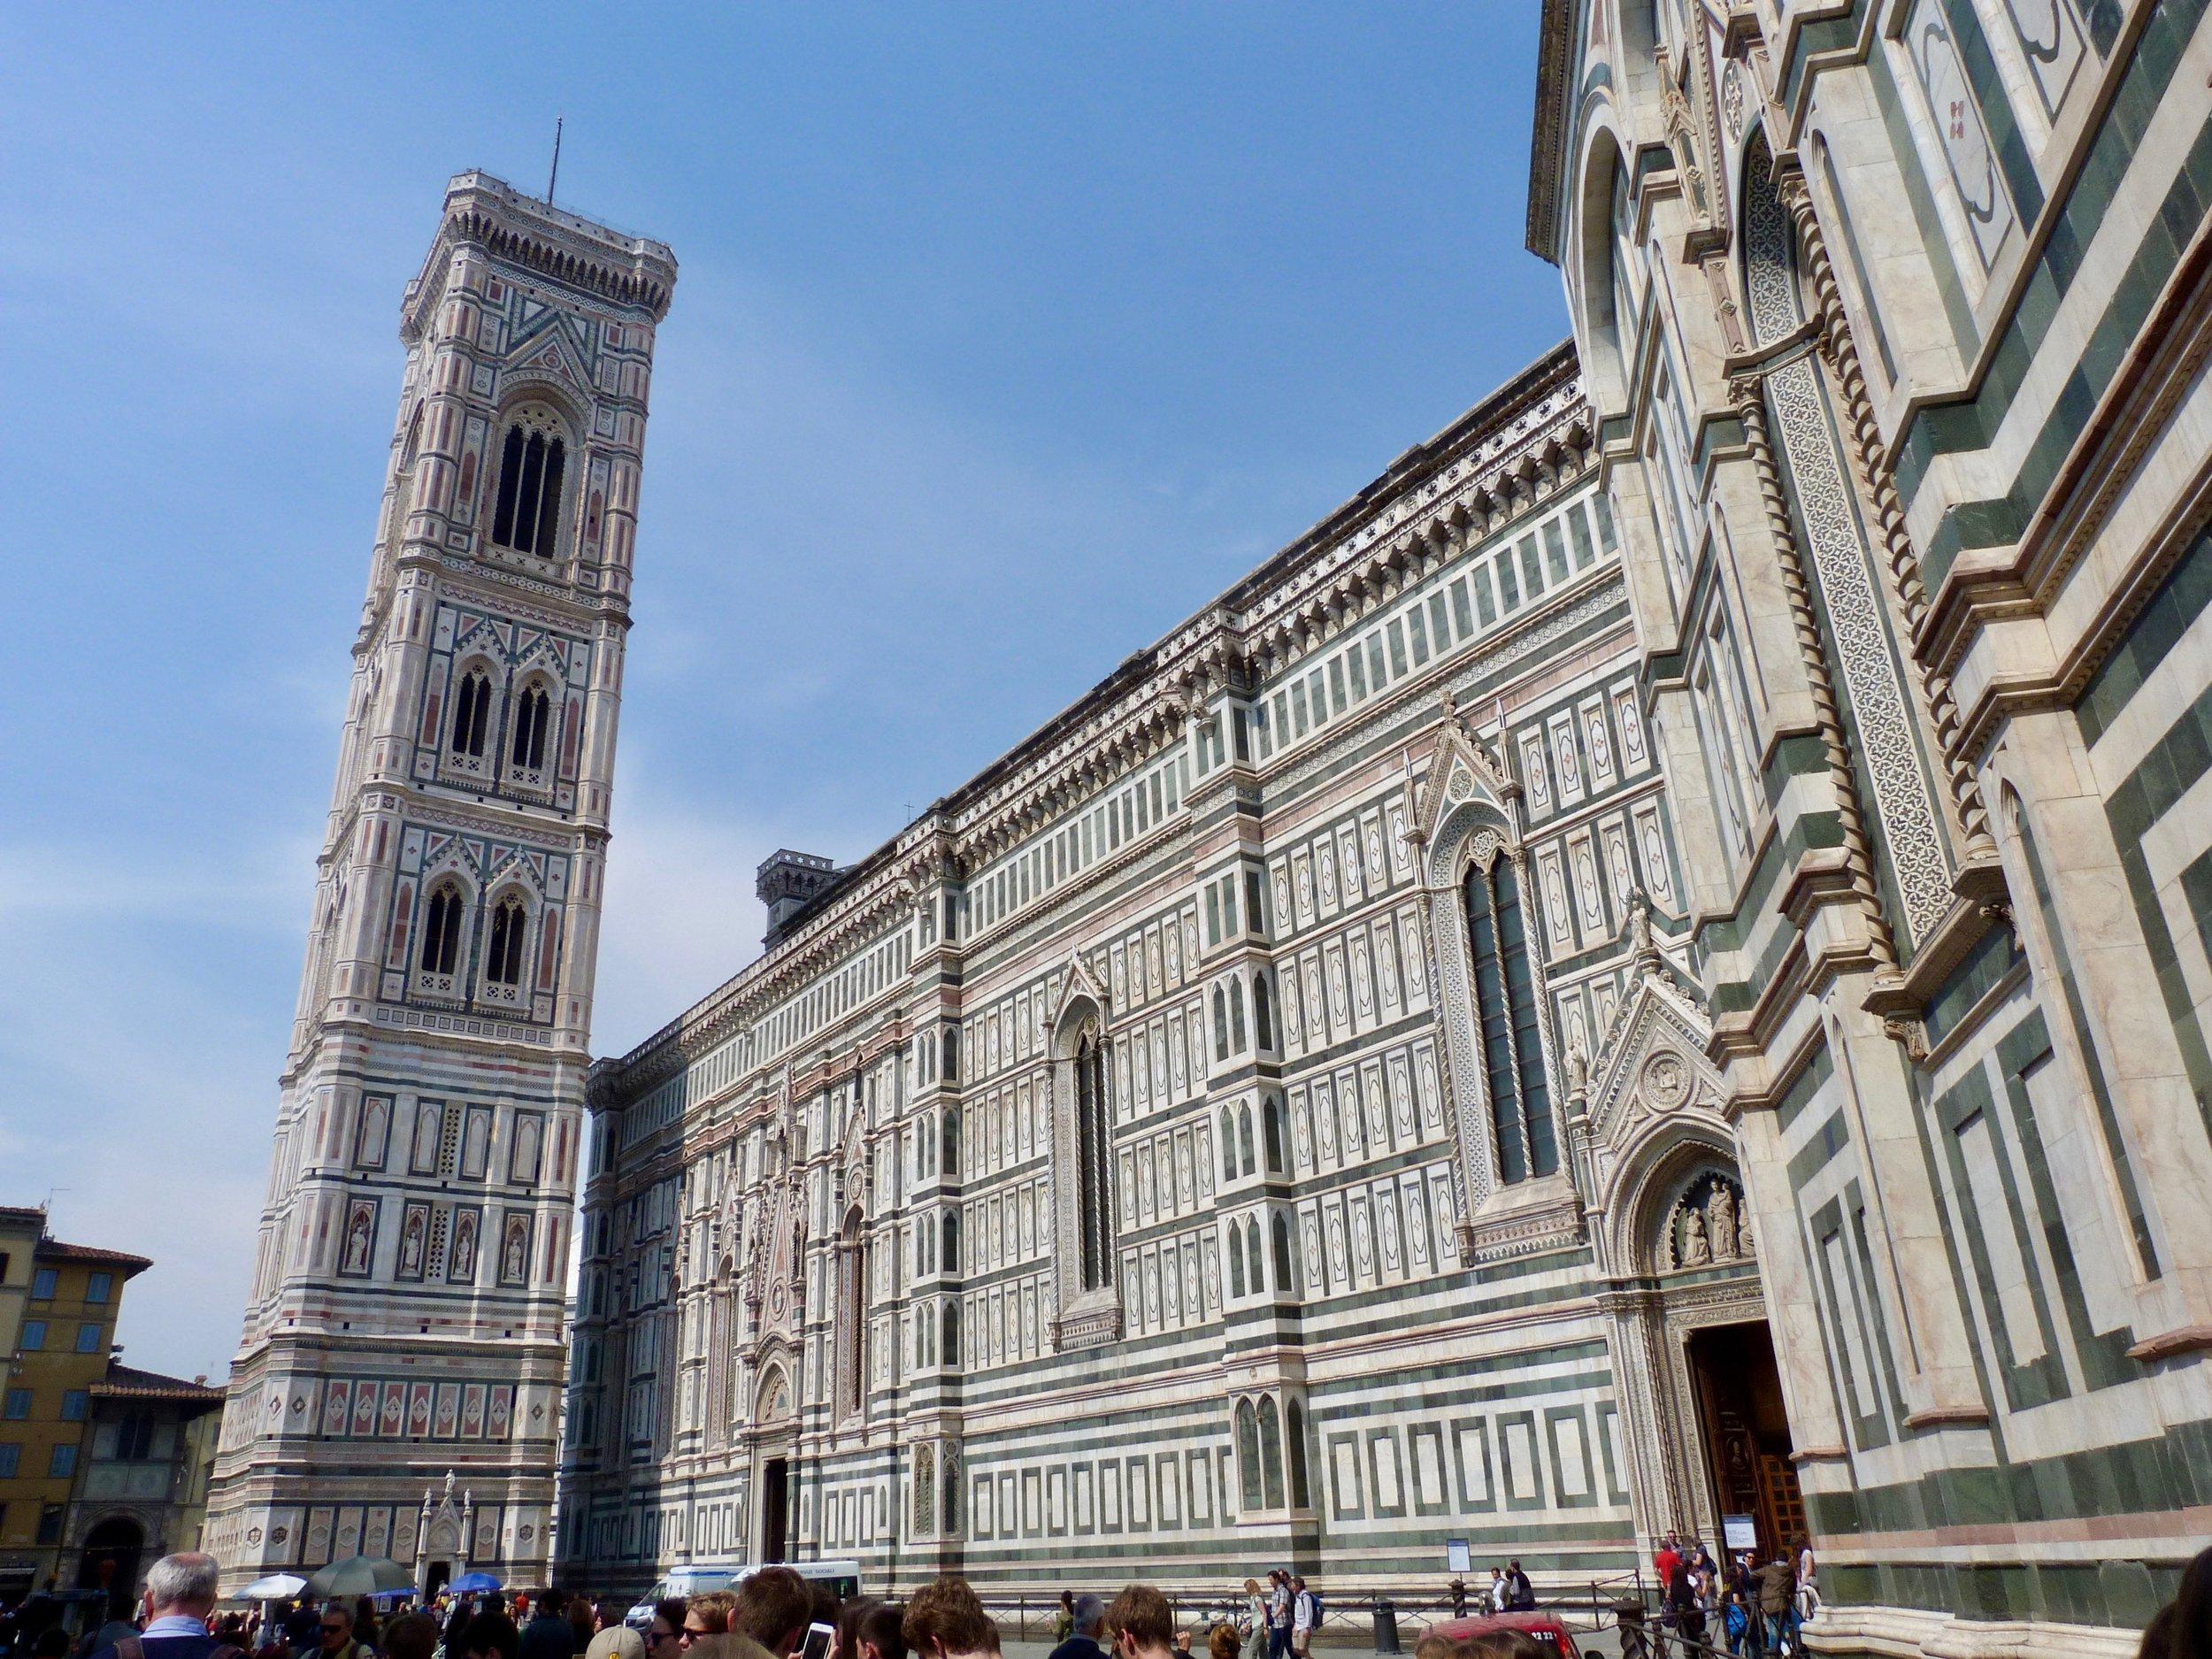 Le Campanile de Giotto